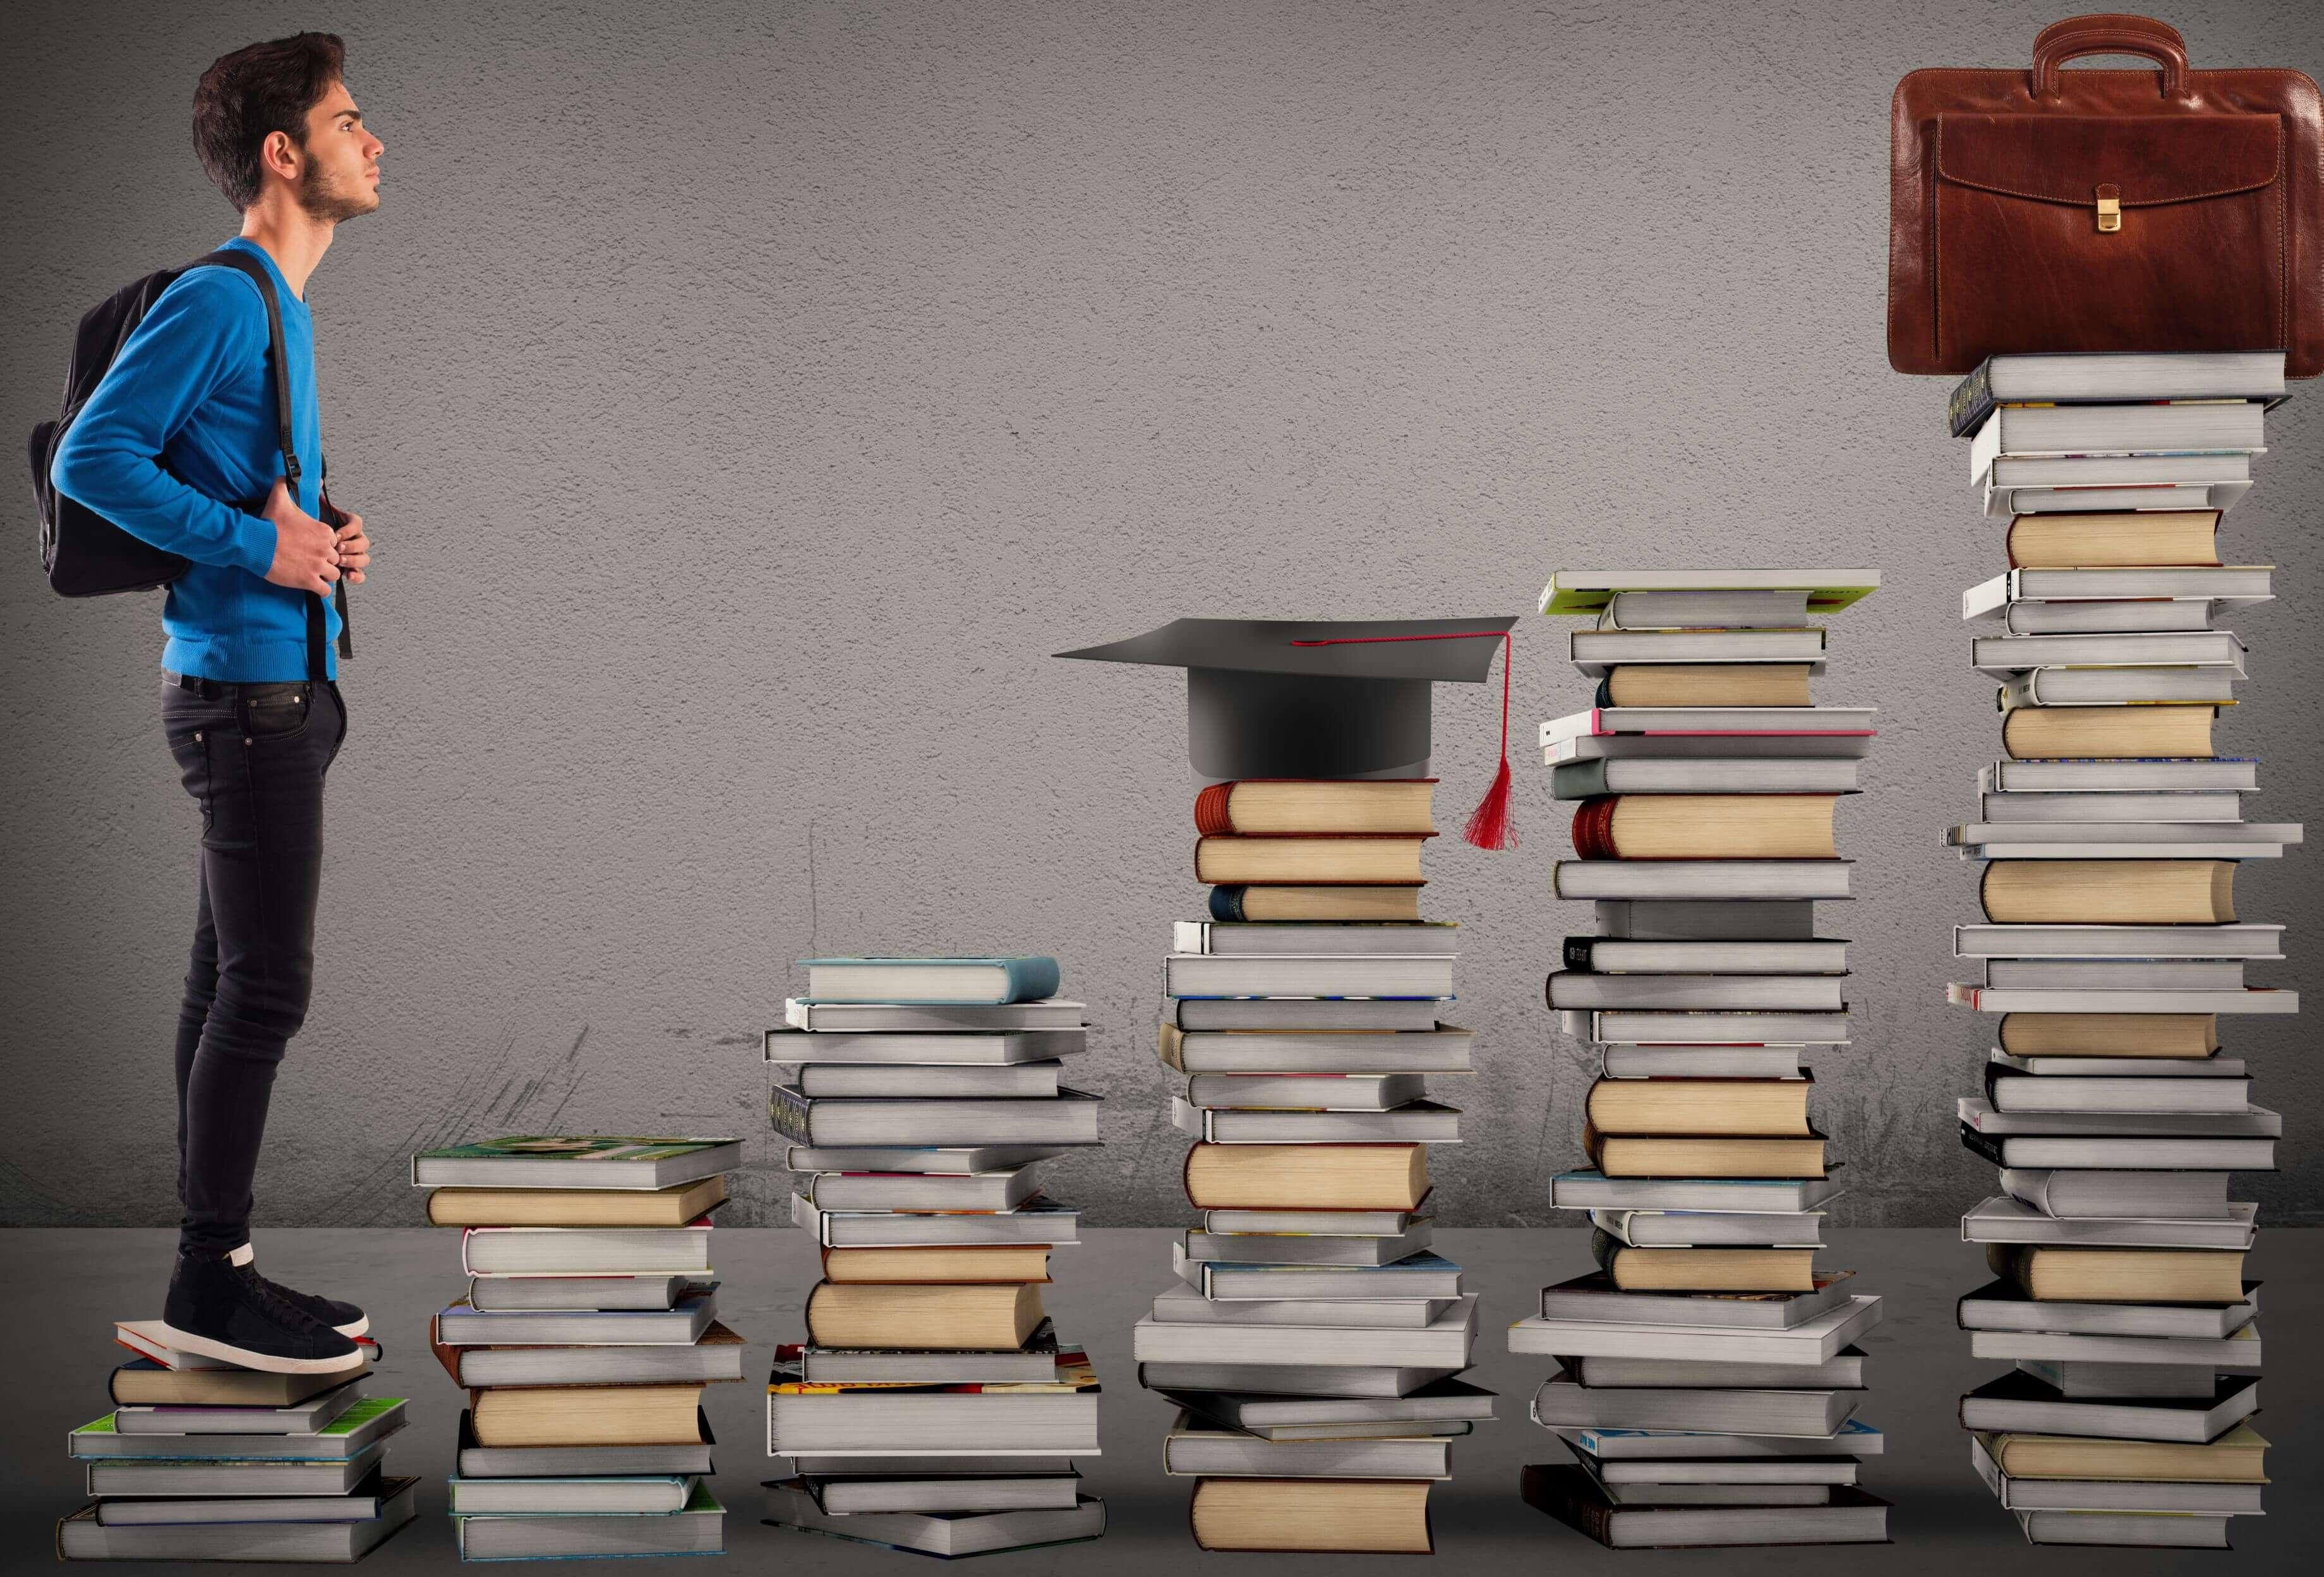 מאגר עבודות מוכנות – איך ניתן להיעזר בו